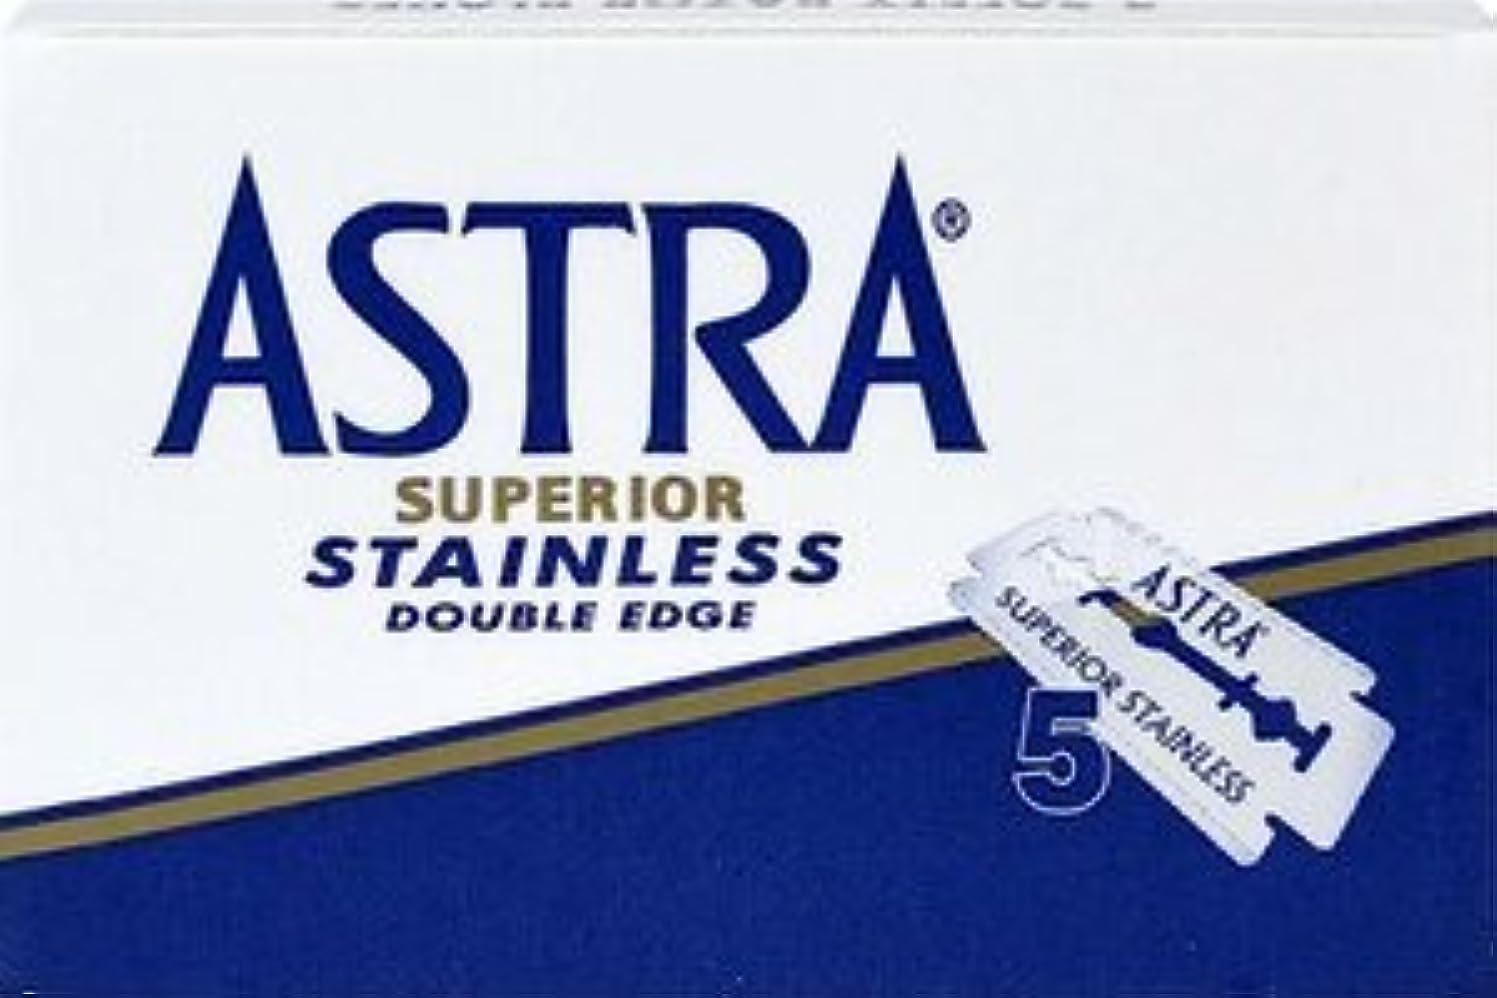 確かめる長いです懇願するASTRA Superior Stainless 両刃替刃 5枚入り(5枚入り1 個セット)【並行輸入品】